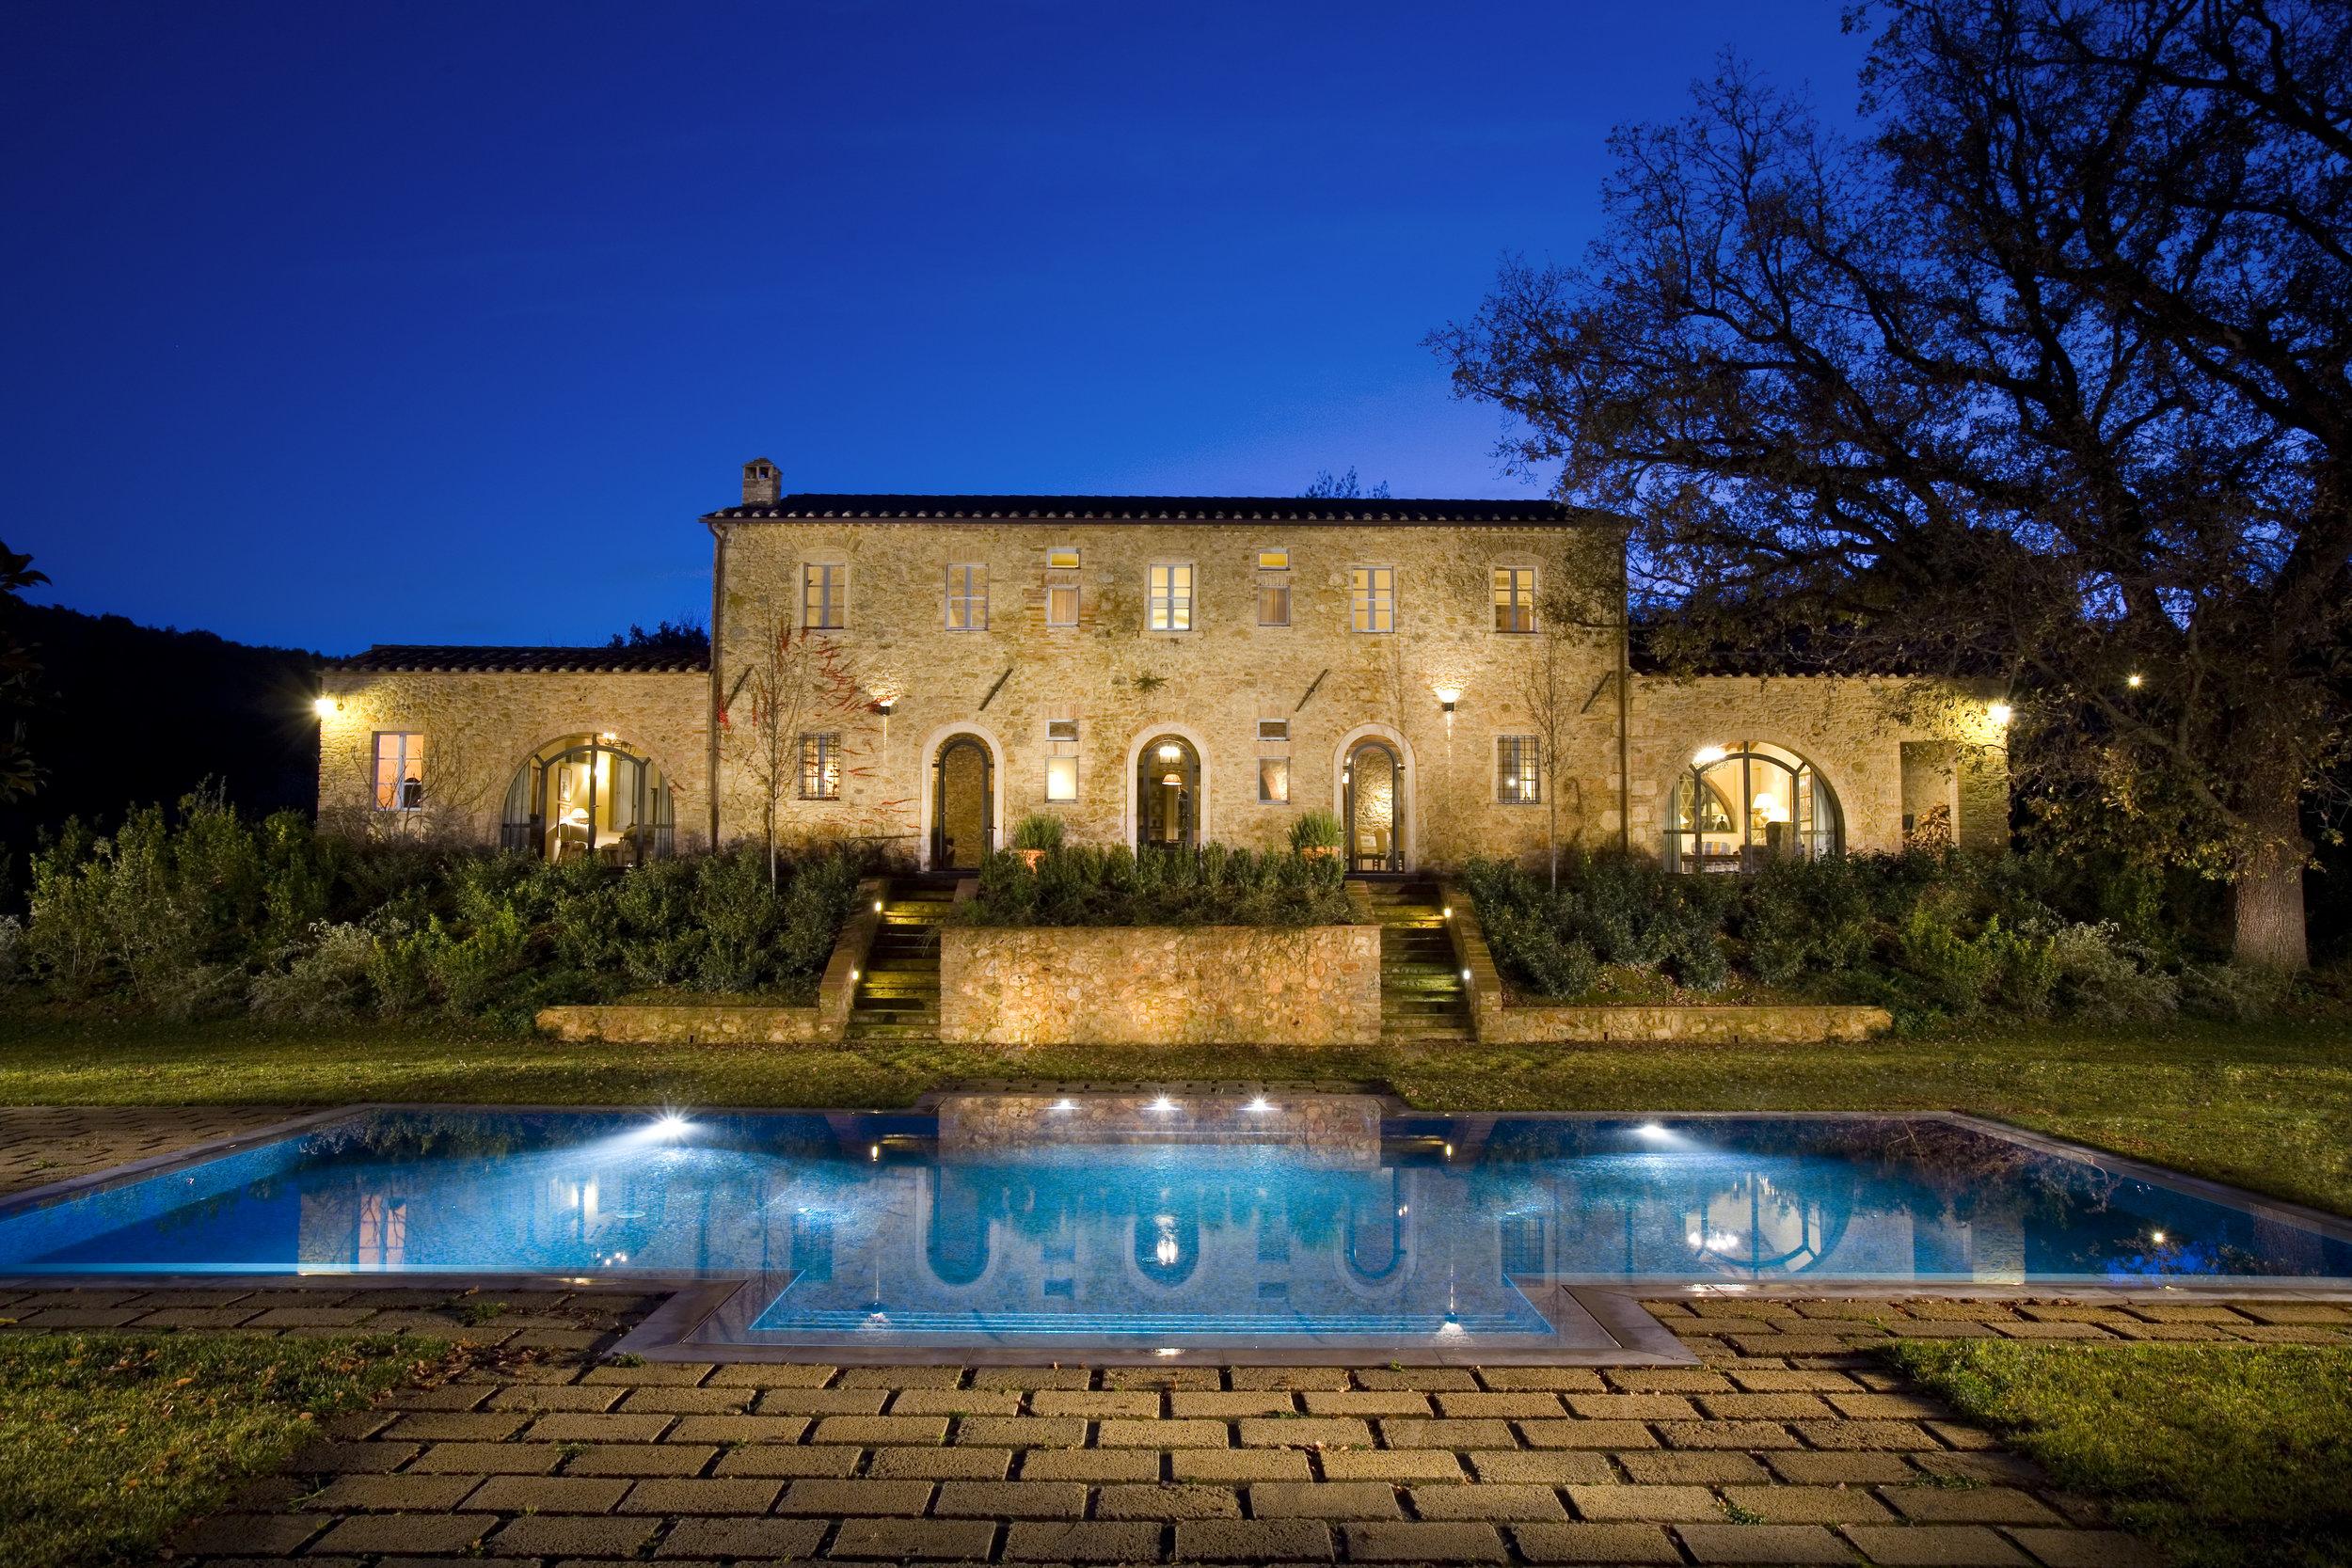 tuscany-italy-paradiso-pool.jpg